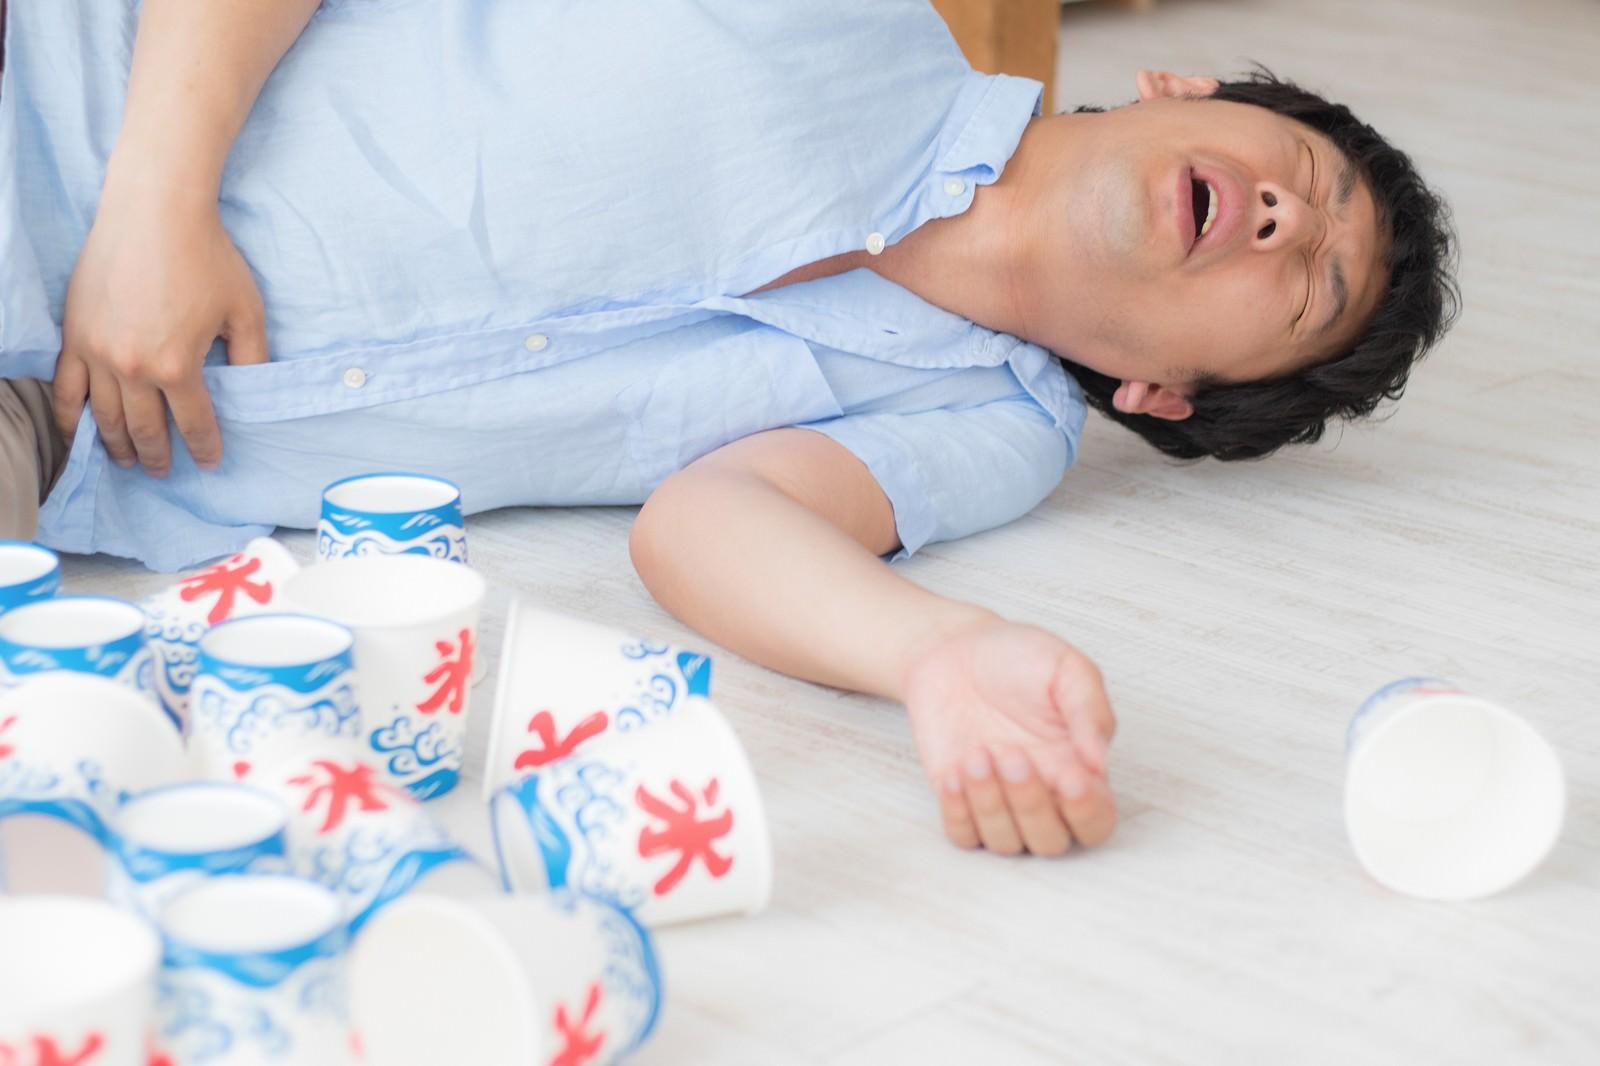 「夏のかき氷の食べ過ぎ注意」の写真[モデル:大川竜弥]